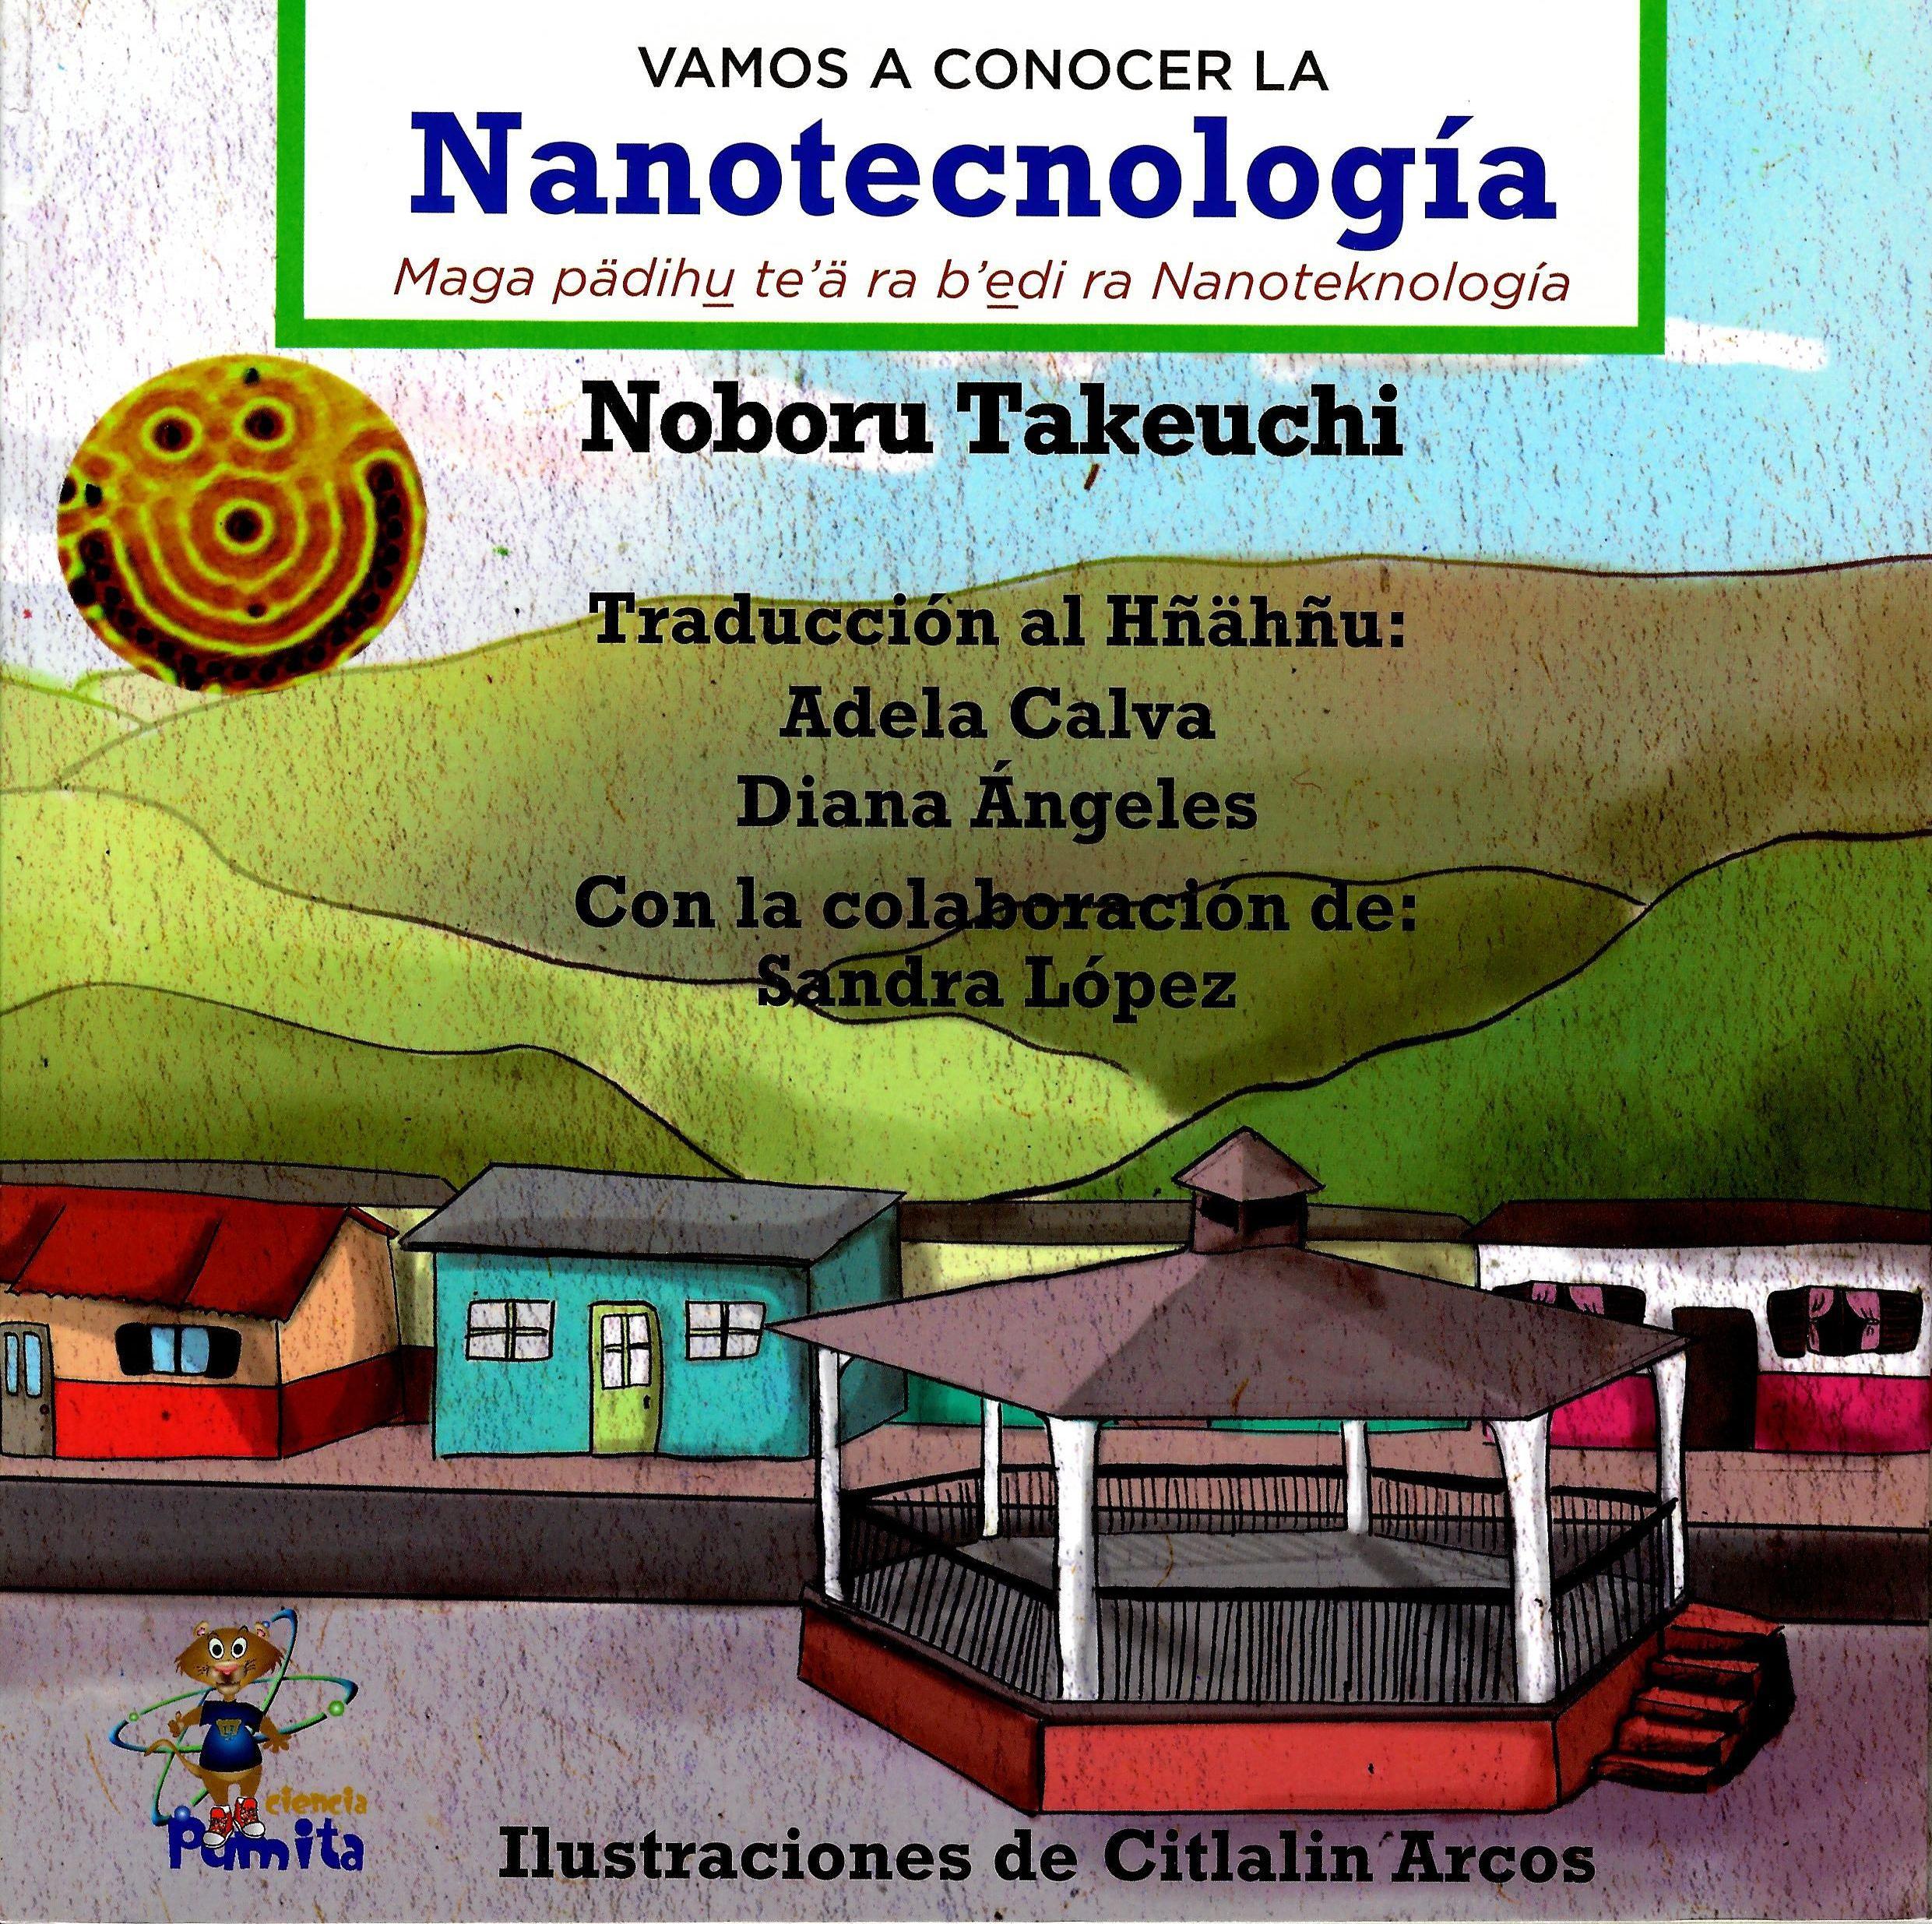 Vamos a conocer la nanotecnología